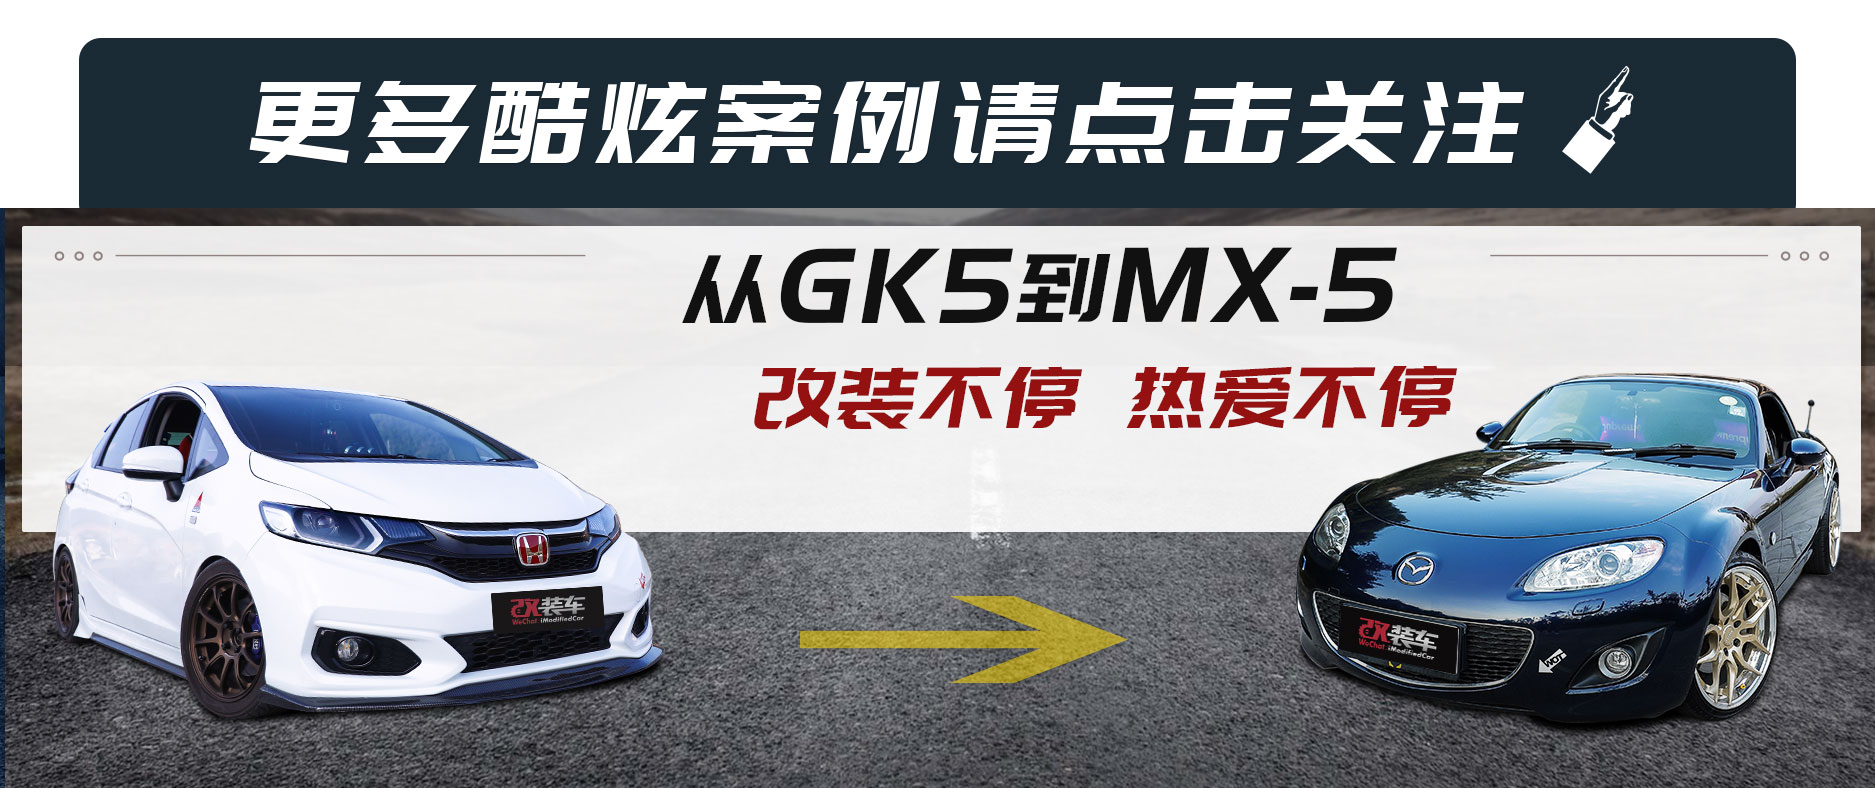 """从""""本田超跑""""GK5到""""东瀛宝马""""MX-5,不再疯狂但依旧热爱"""